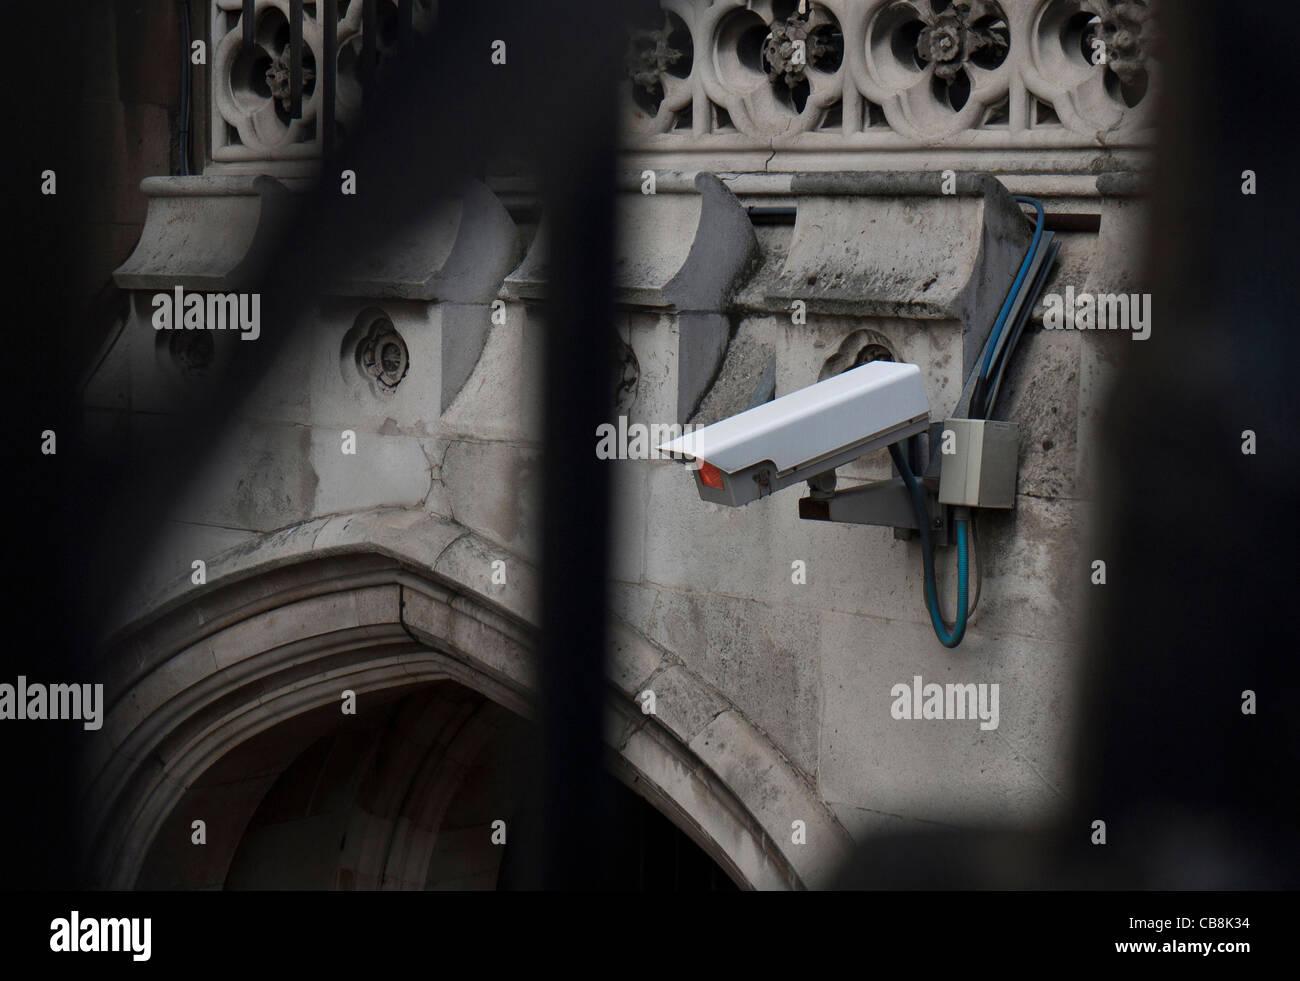 La protezione CCTV telecamera attaccata al palazzo storico a Londra Immagini Stock